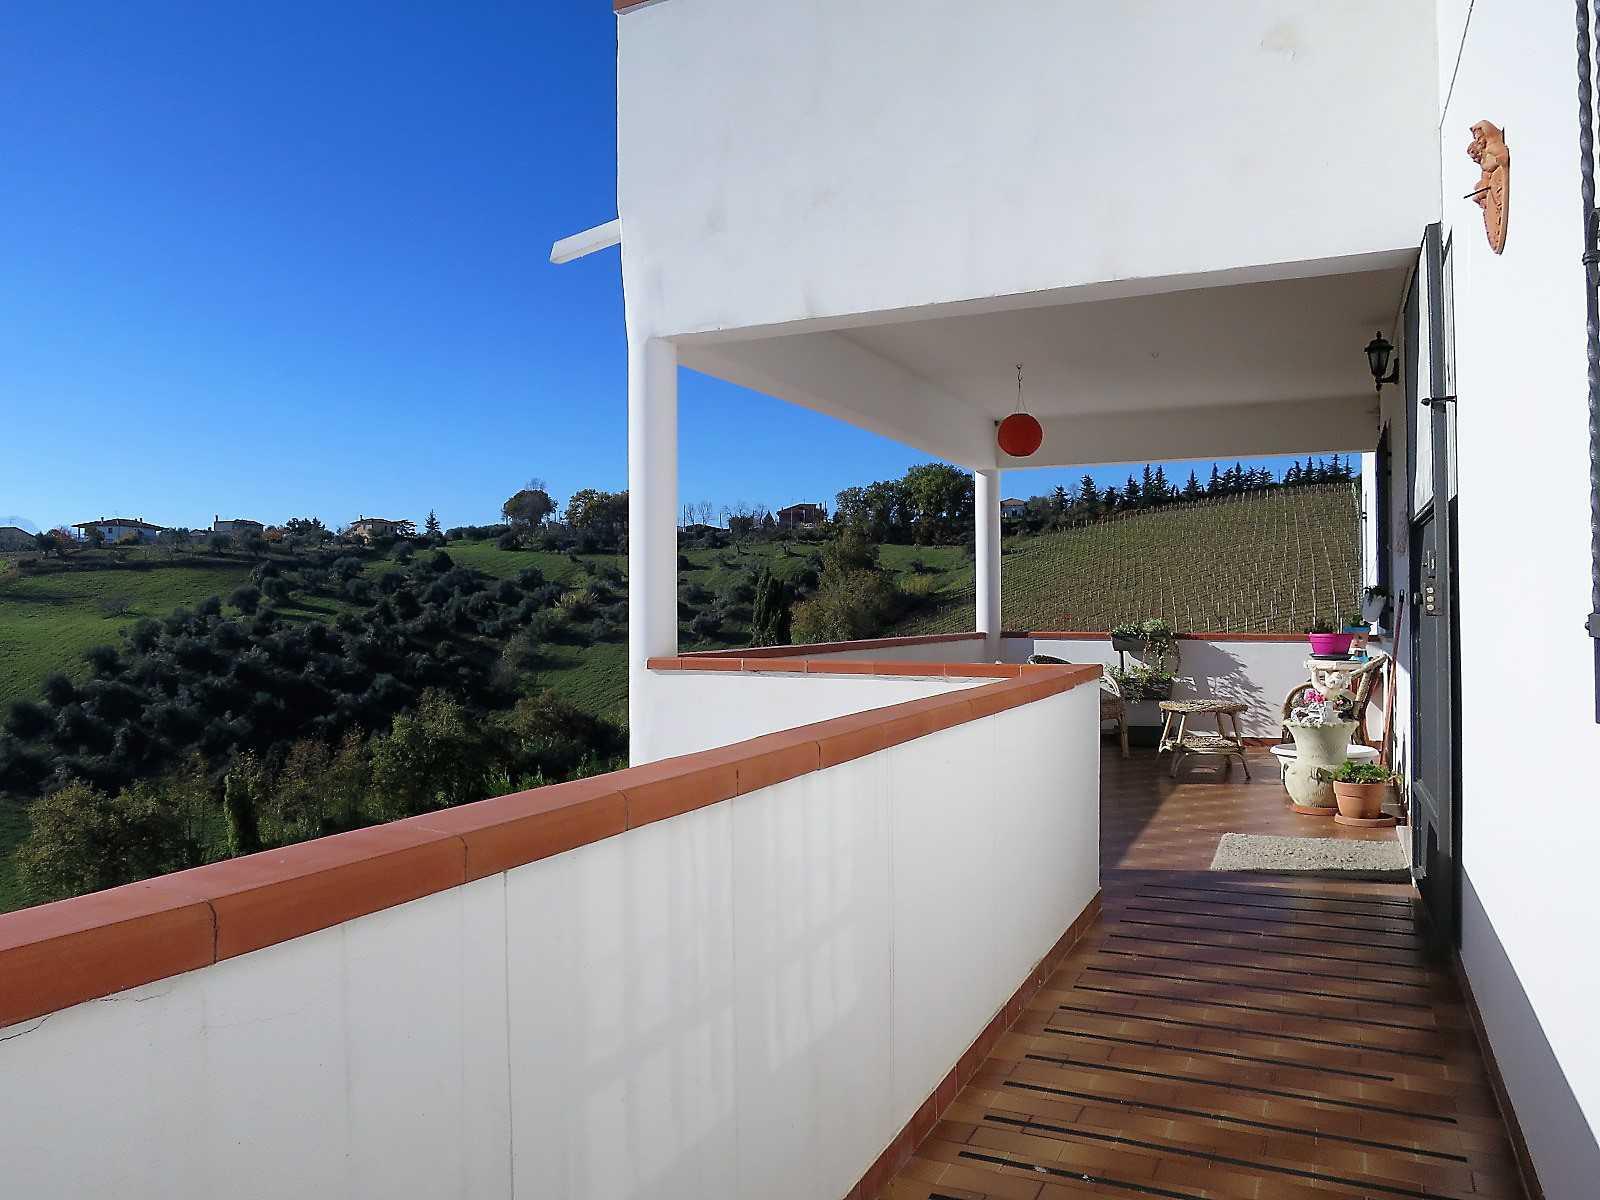 Villa Villa in vendita Notaresco (TE), Villa Vigneto - Notaresco - EUR 382.044 410